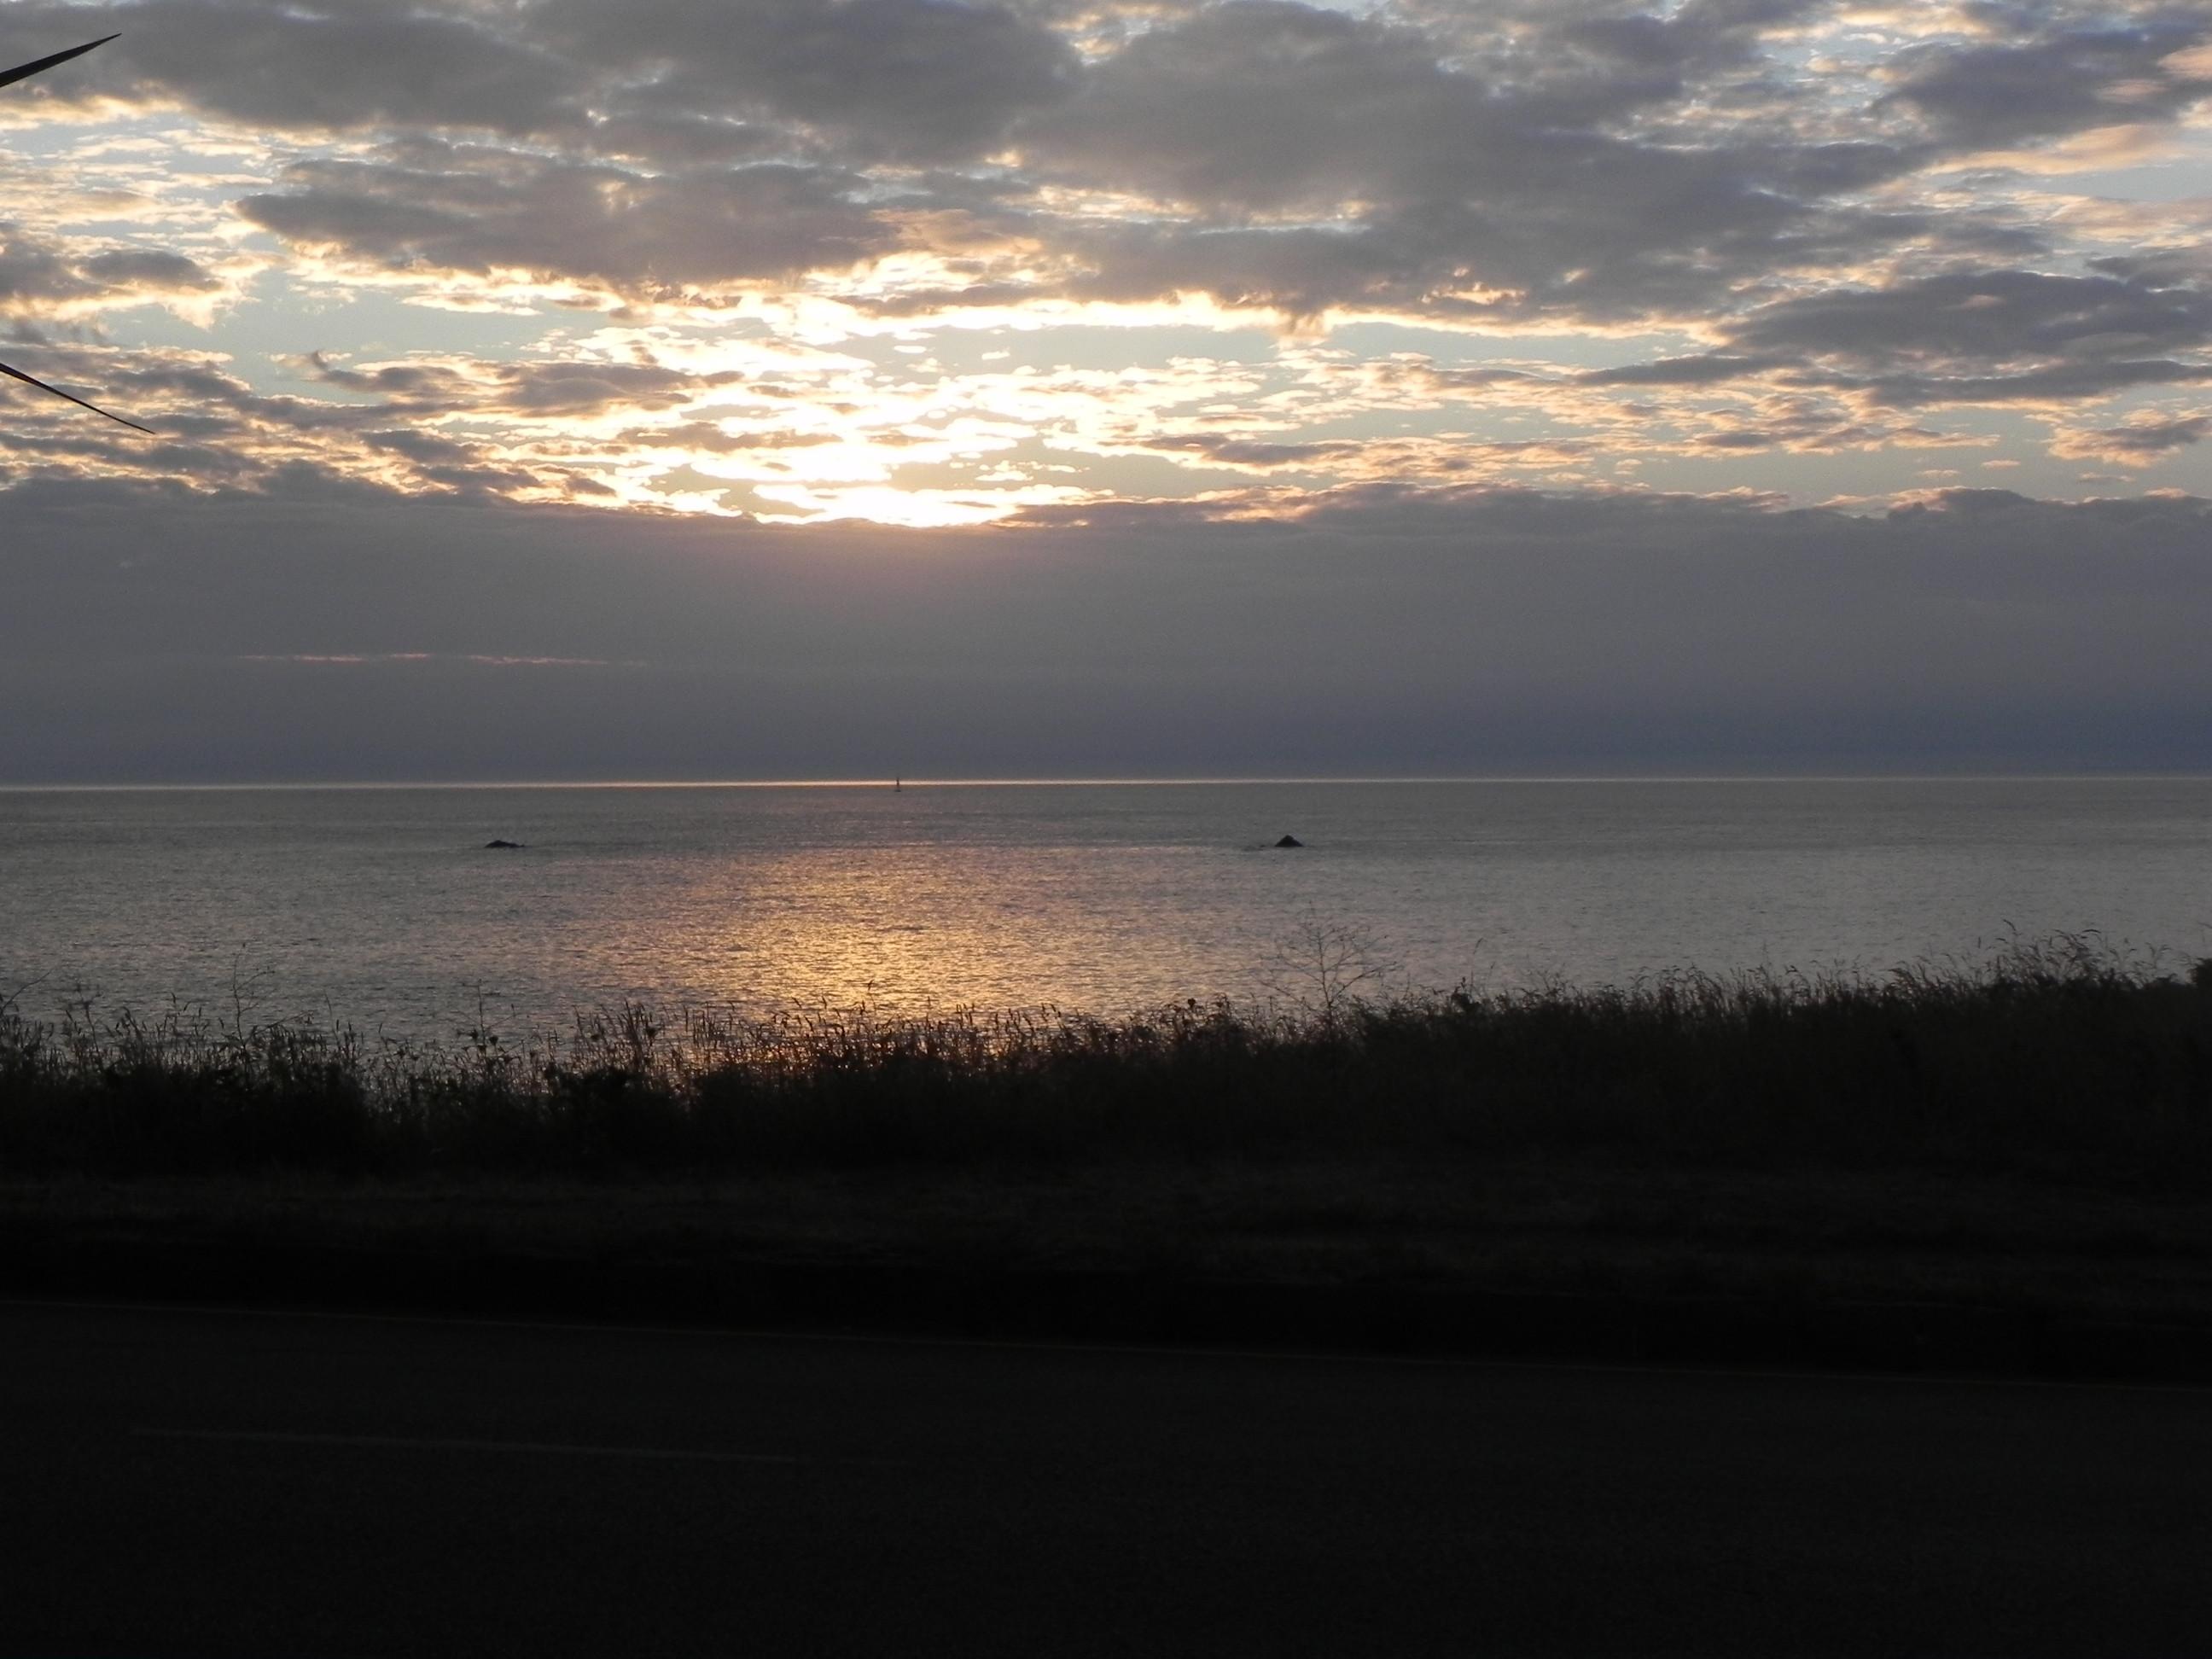 Een romantische zonsondergang